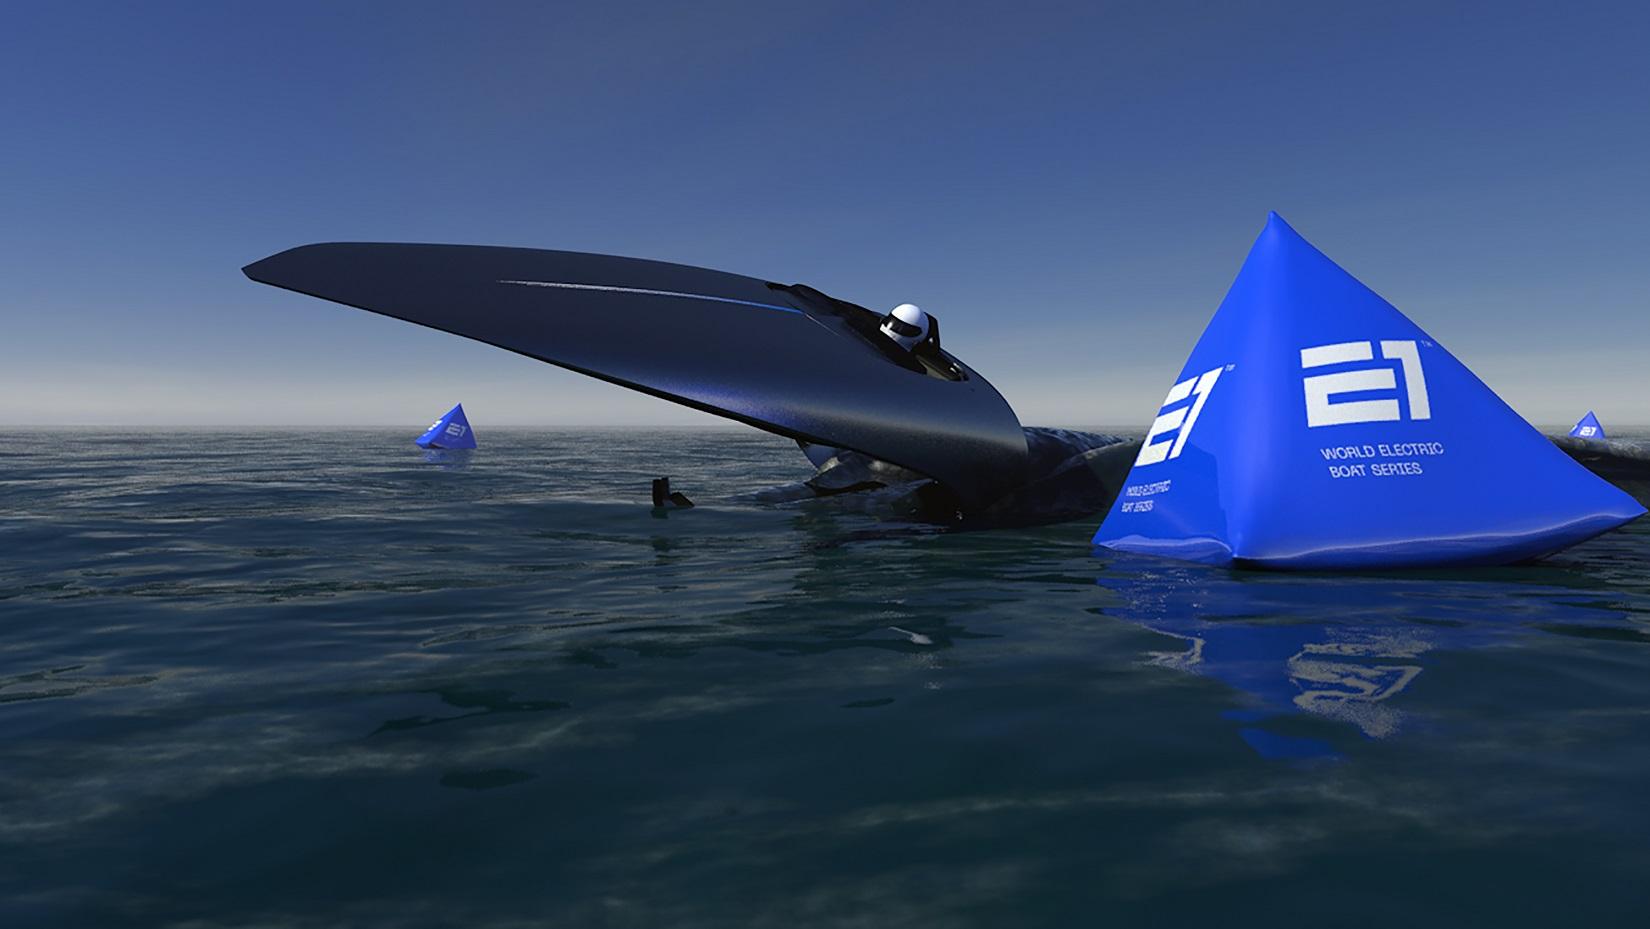 campionato elettrico E1 uIM World Electric Powerboat Victory RaceBird Acampora